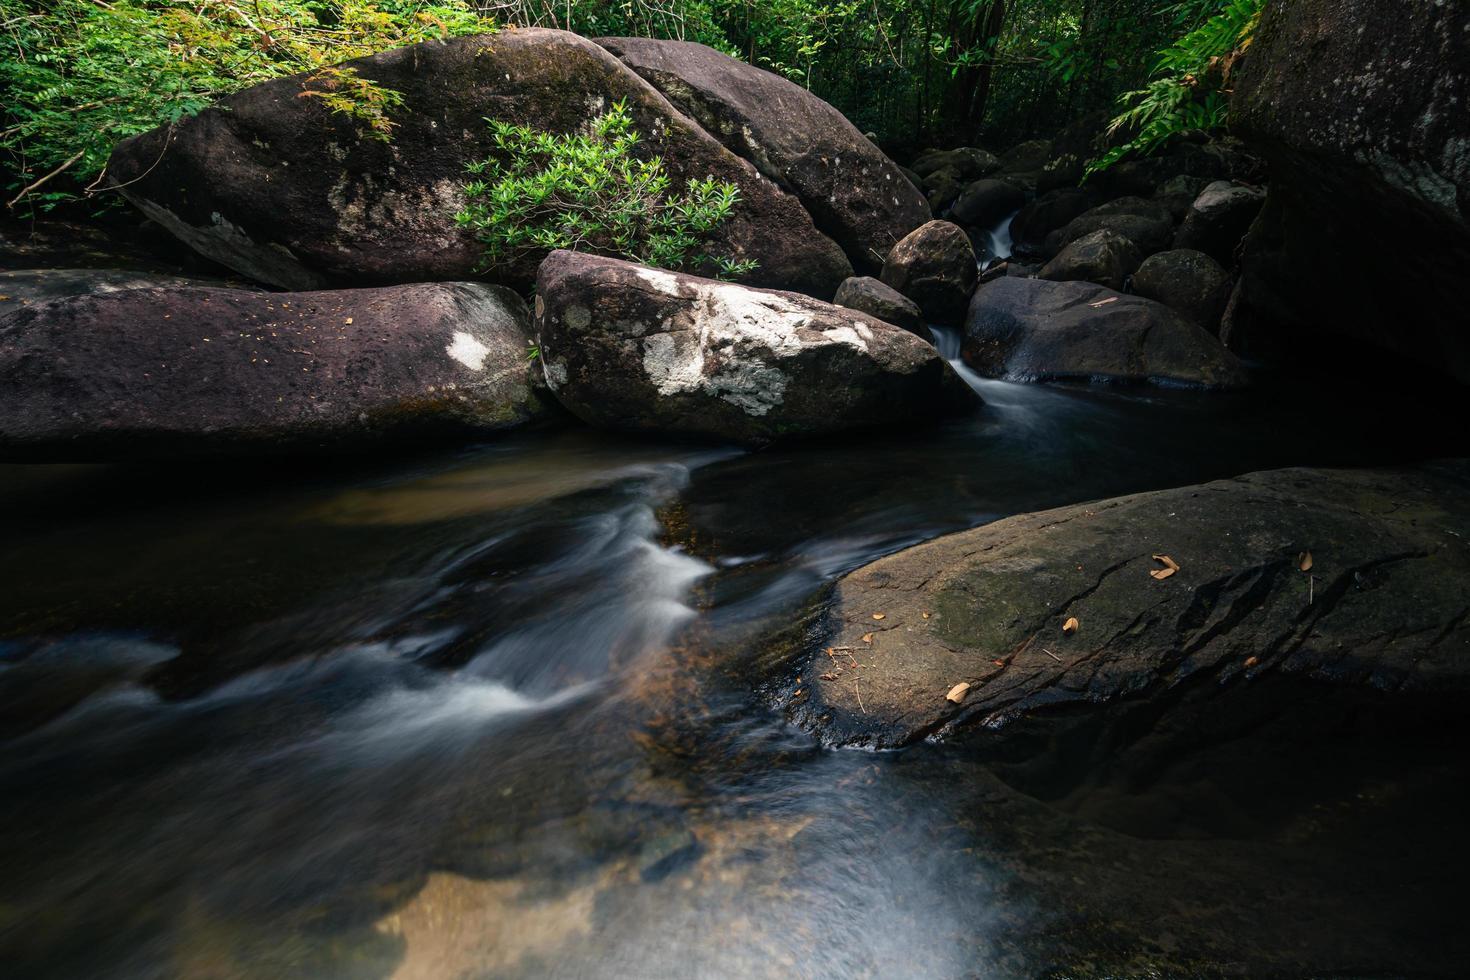 Bach am Khlong Pla Kang Wasserfall foto